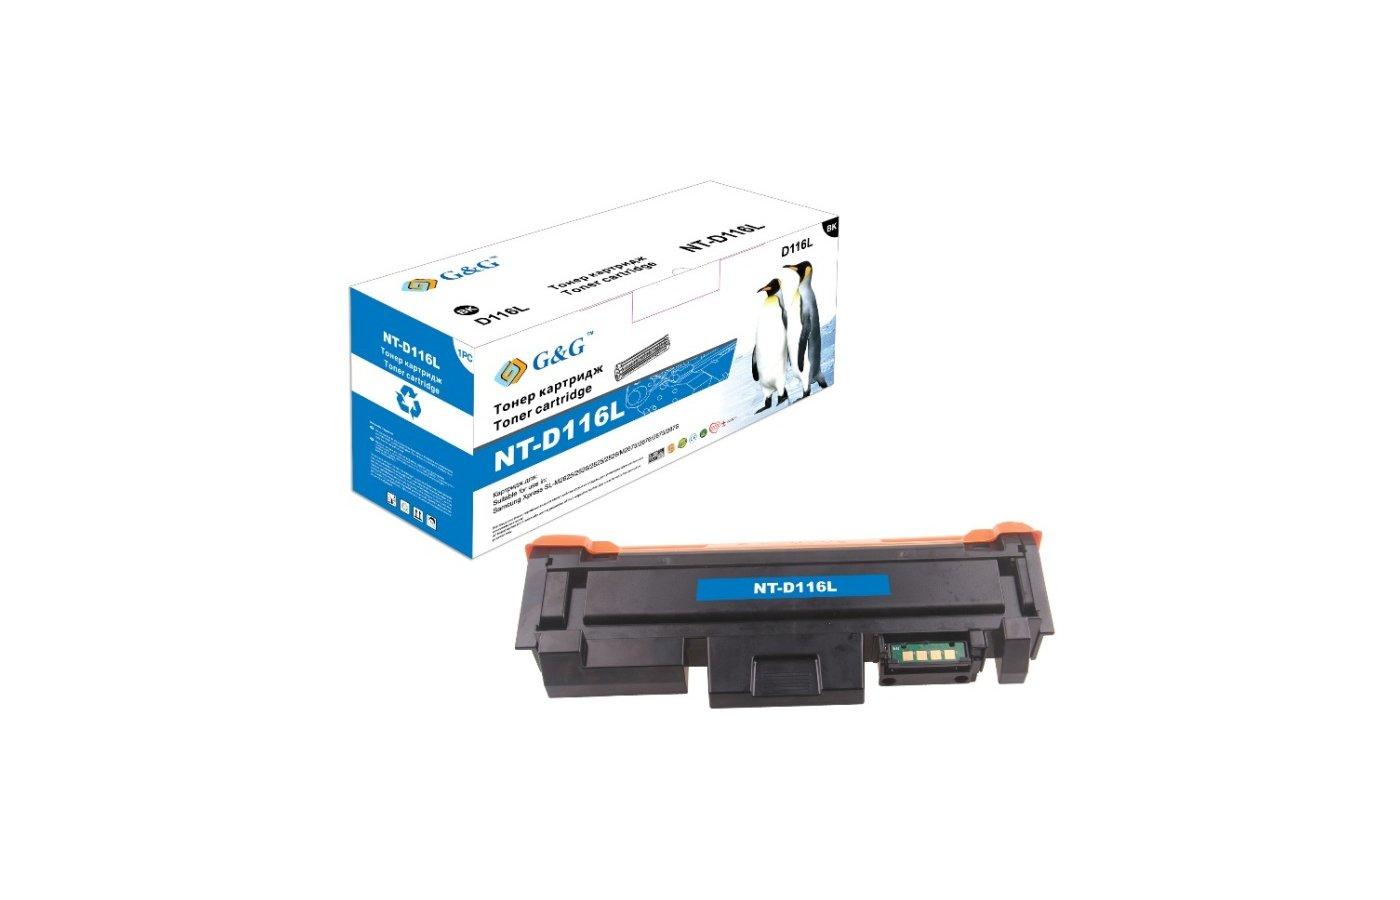 Картридж лазерный GG NT-D116L Совместимый для Samsung SL-M2625/2626/2825/2826/2675/2876/2875/2876 (3000стр)